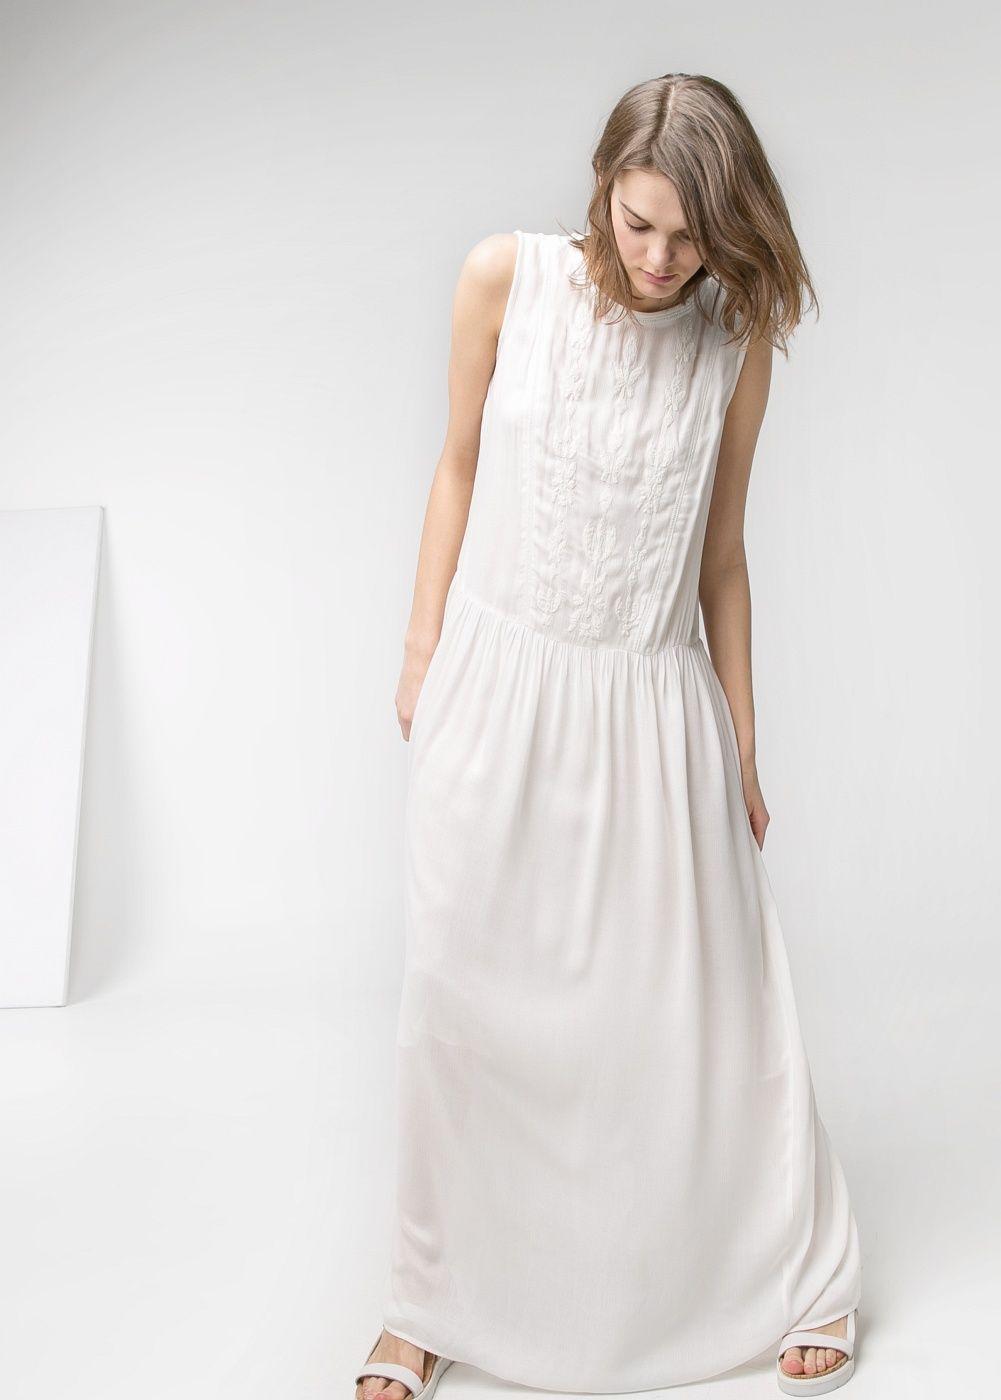 Vestido largo bordados - Mujer | Vestido largo, Ropa linda y ...